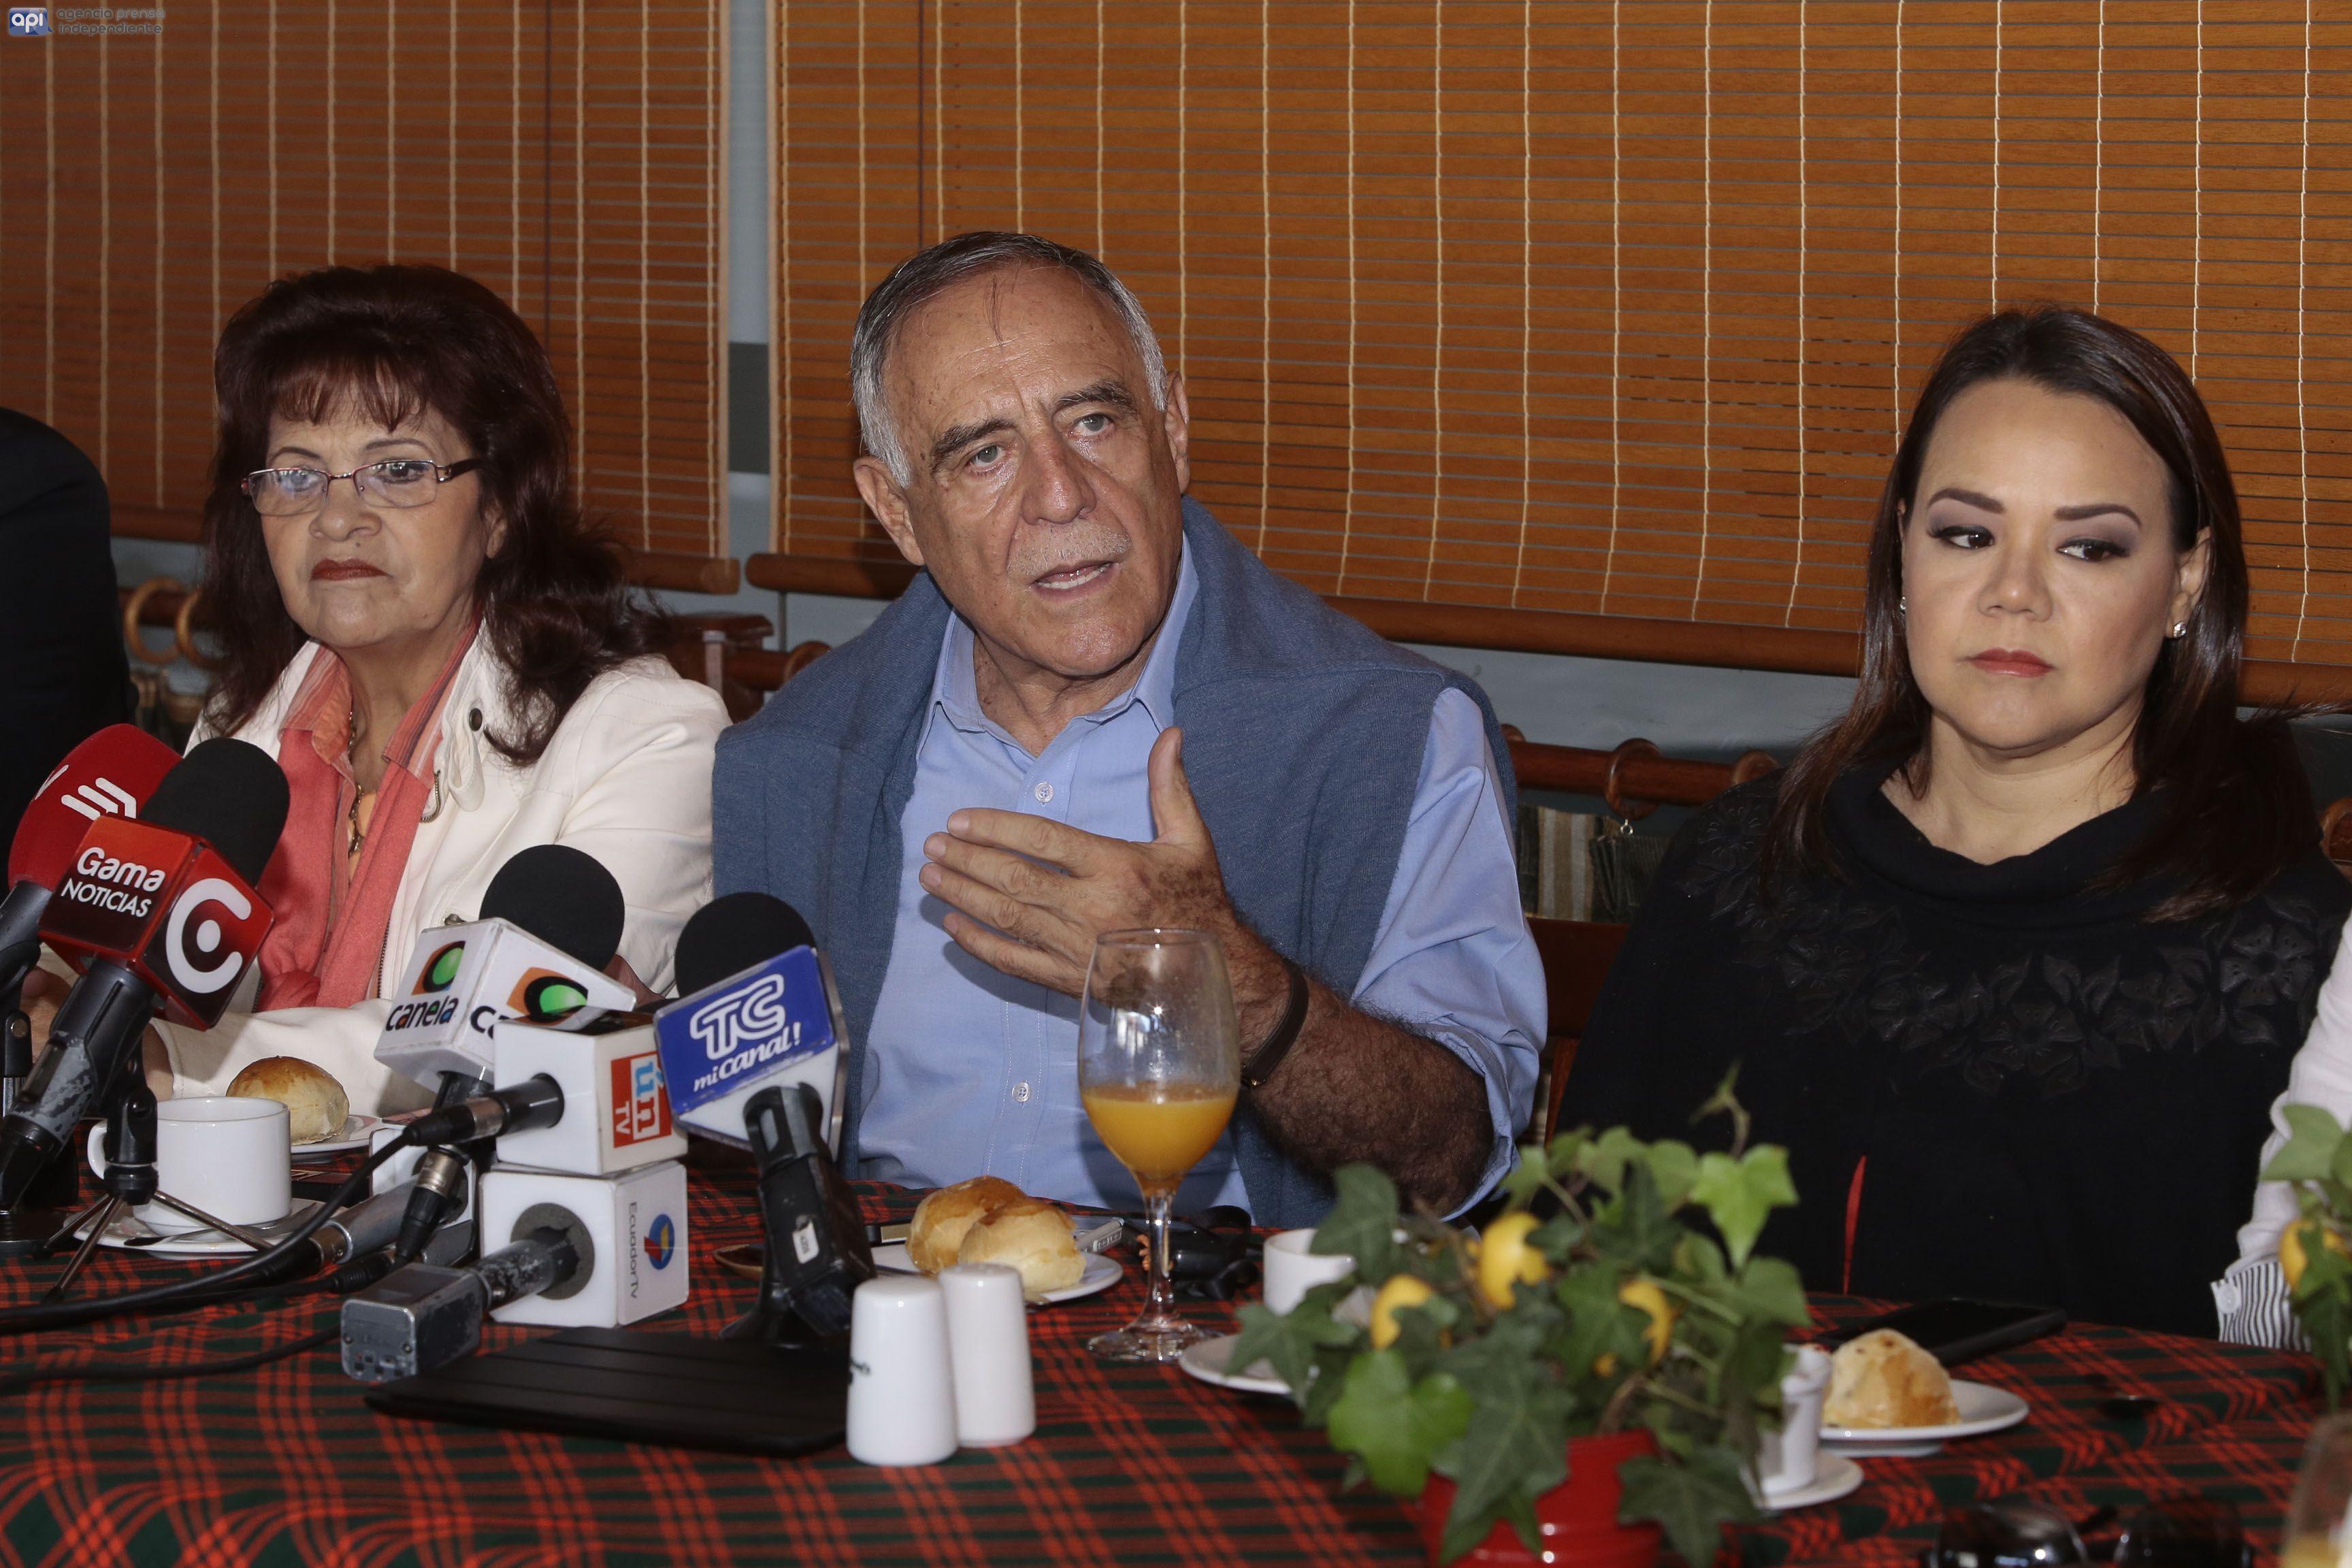 Rueda de prensa del candidato presidencial Paco Moncayo al inicio de la campaña electoral. FOTOS API/ JUAN CEVALLOS.